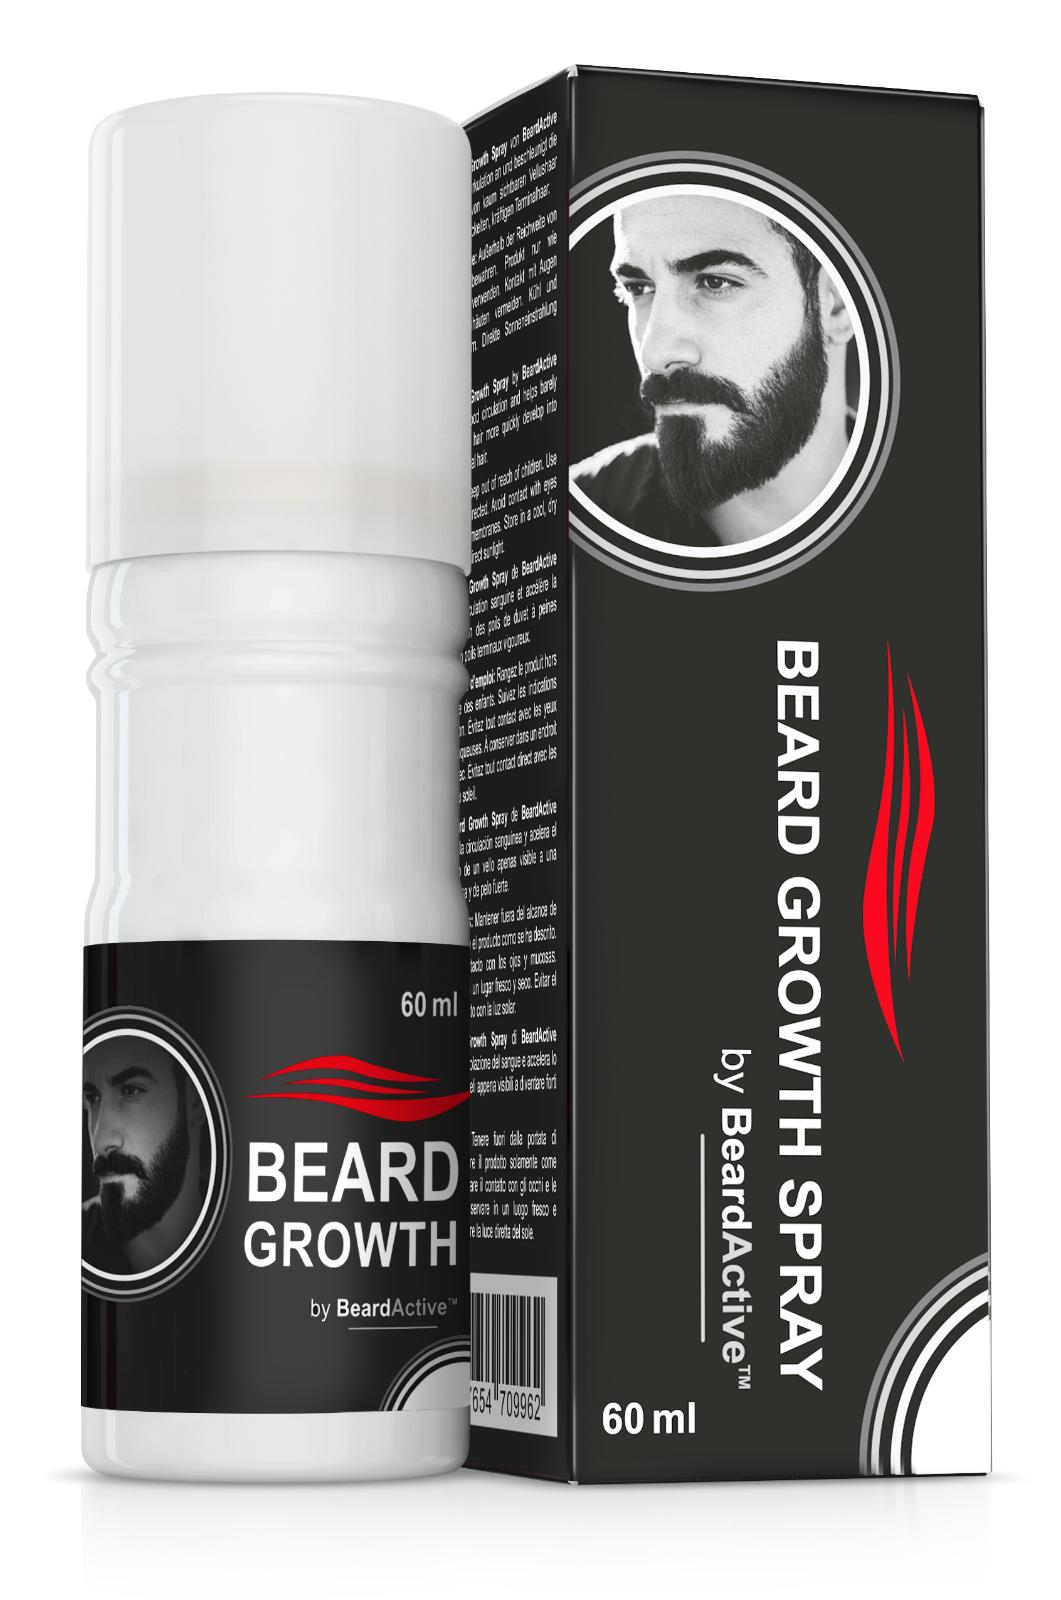 Bartwuchs-Spray Beard Growth Spray fördert Wachstum und führt zu mehr Bart 60 ml